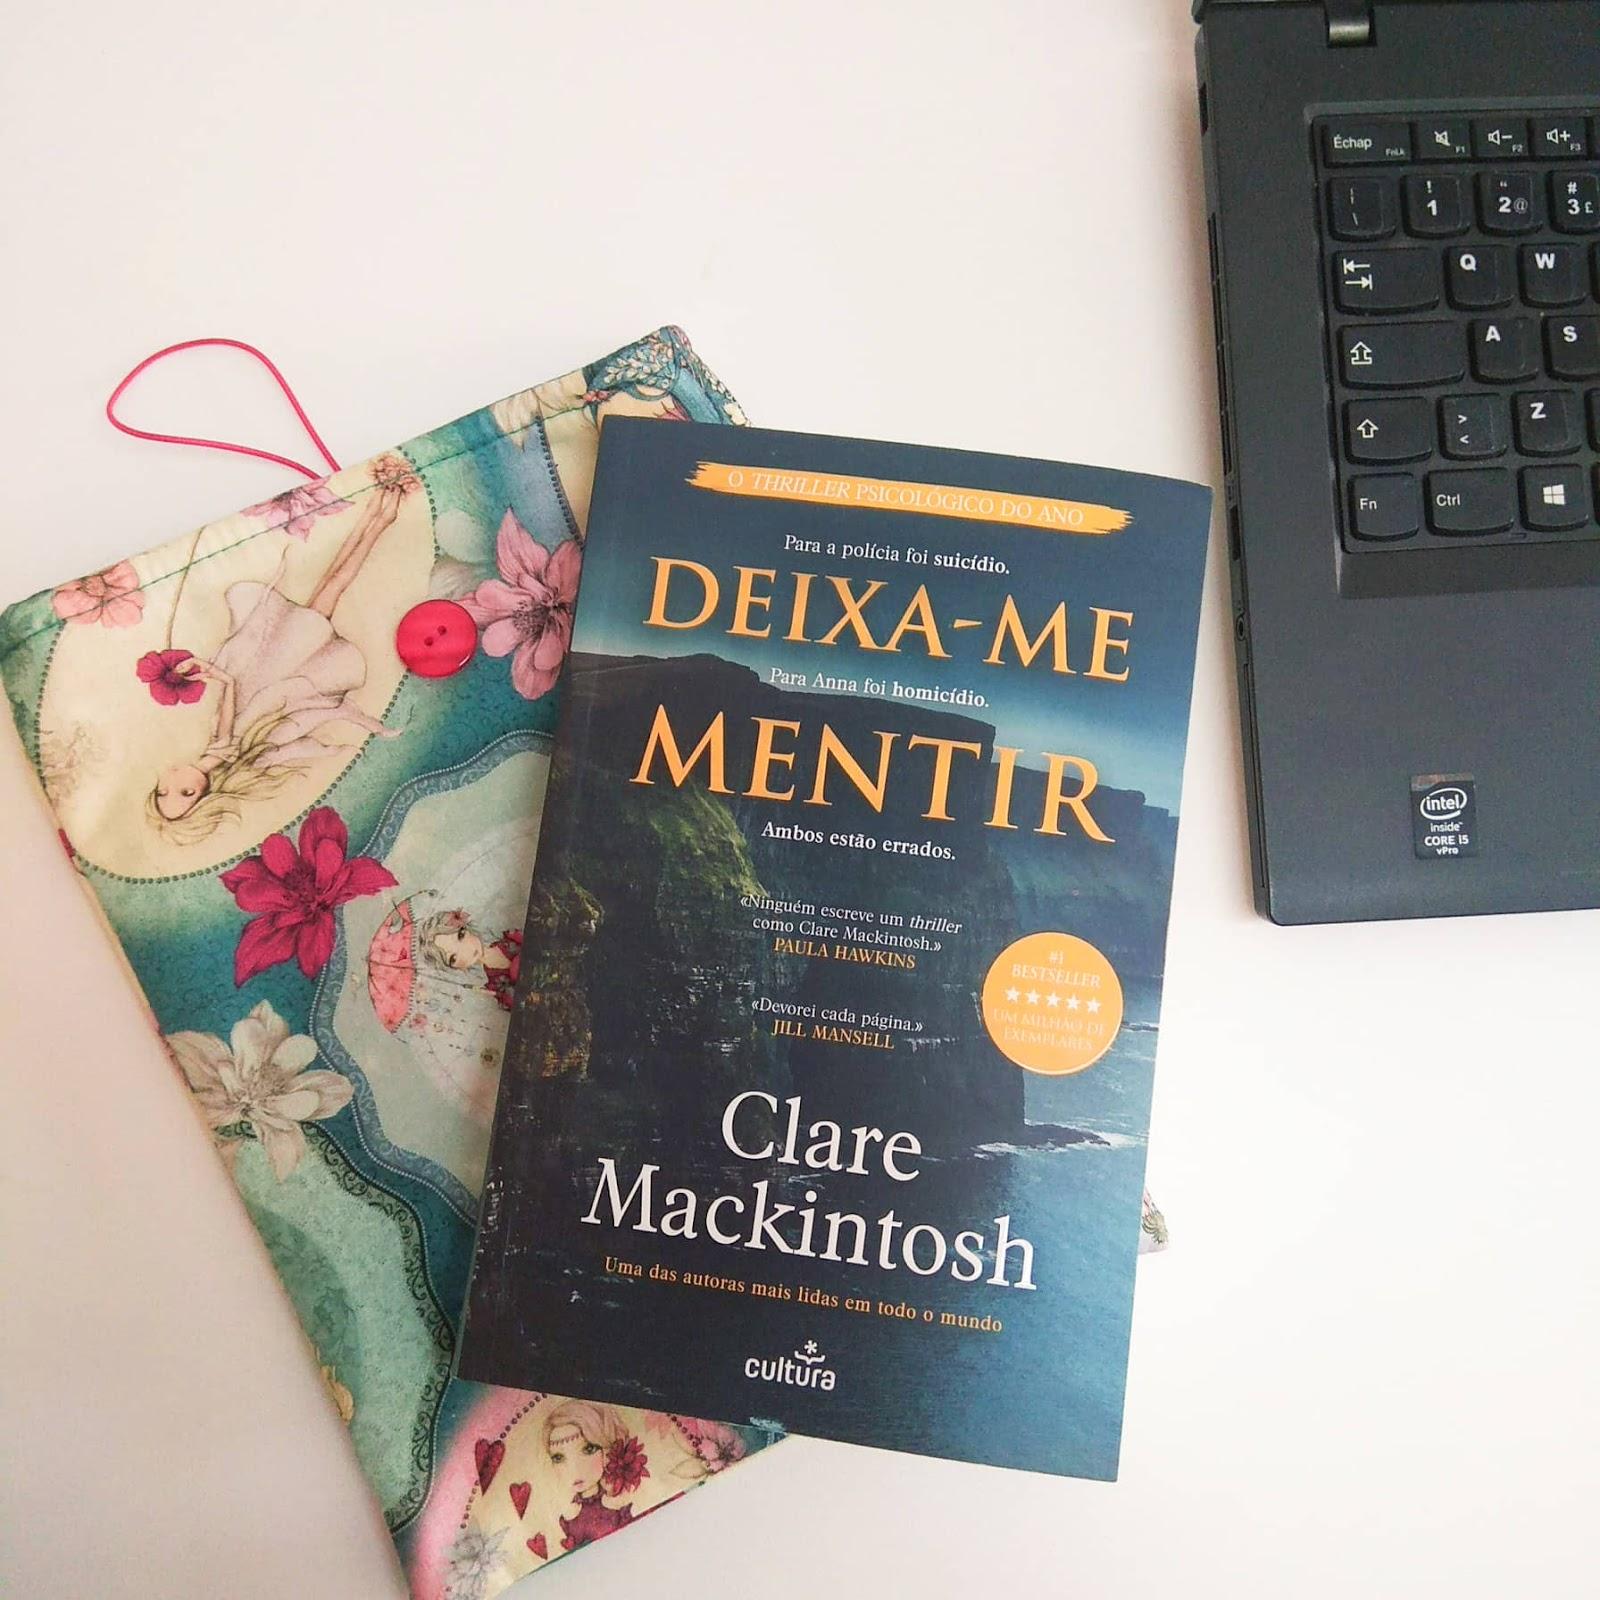 Resultado de imagem para deixa-me mentir Clare Mackintosh